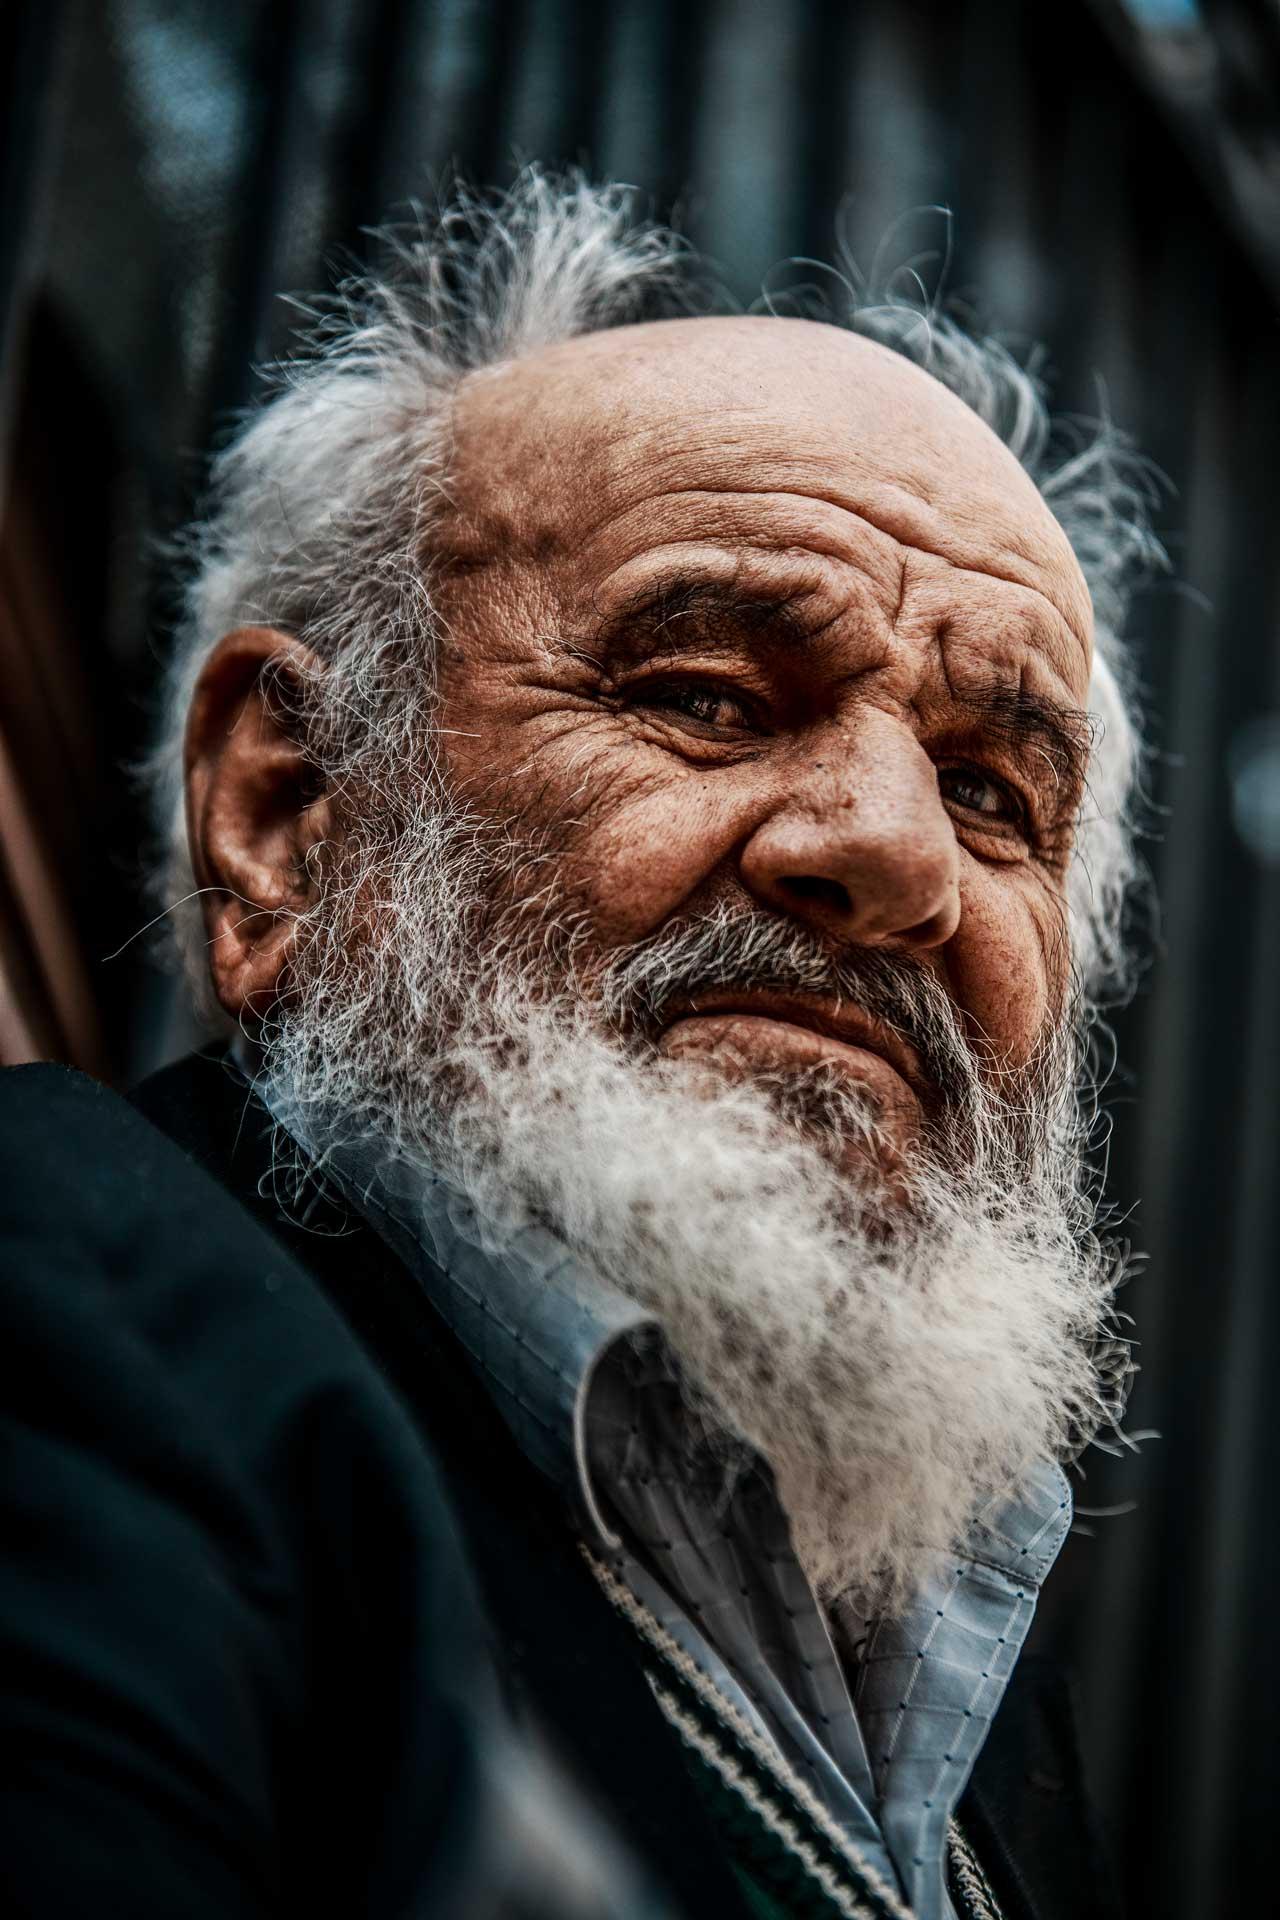 Mustafa Bayram Portrait Photograpy Altınkare Dernek Başkanı Altınkare Ajans Sahibi Fotoğraf Eğitmeni Mustafa Bayram Portre Fotoğrafları